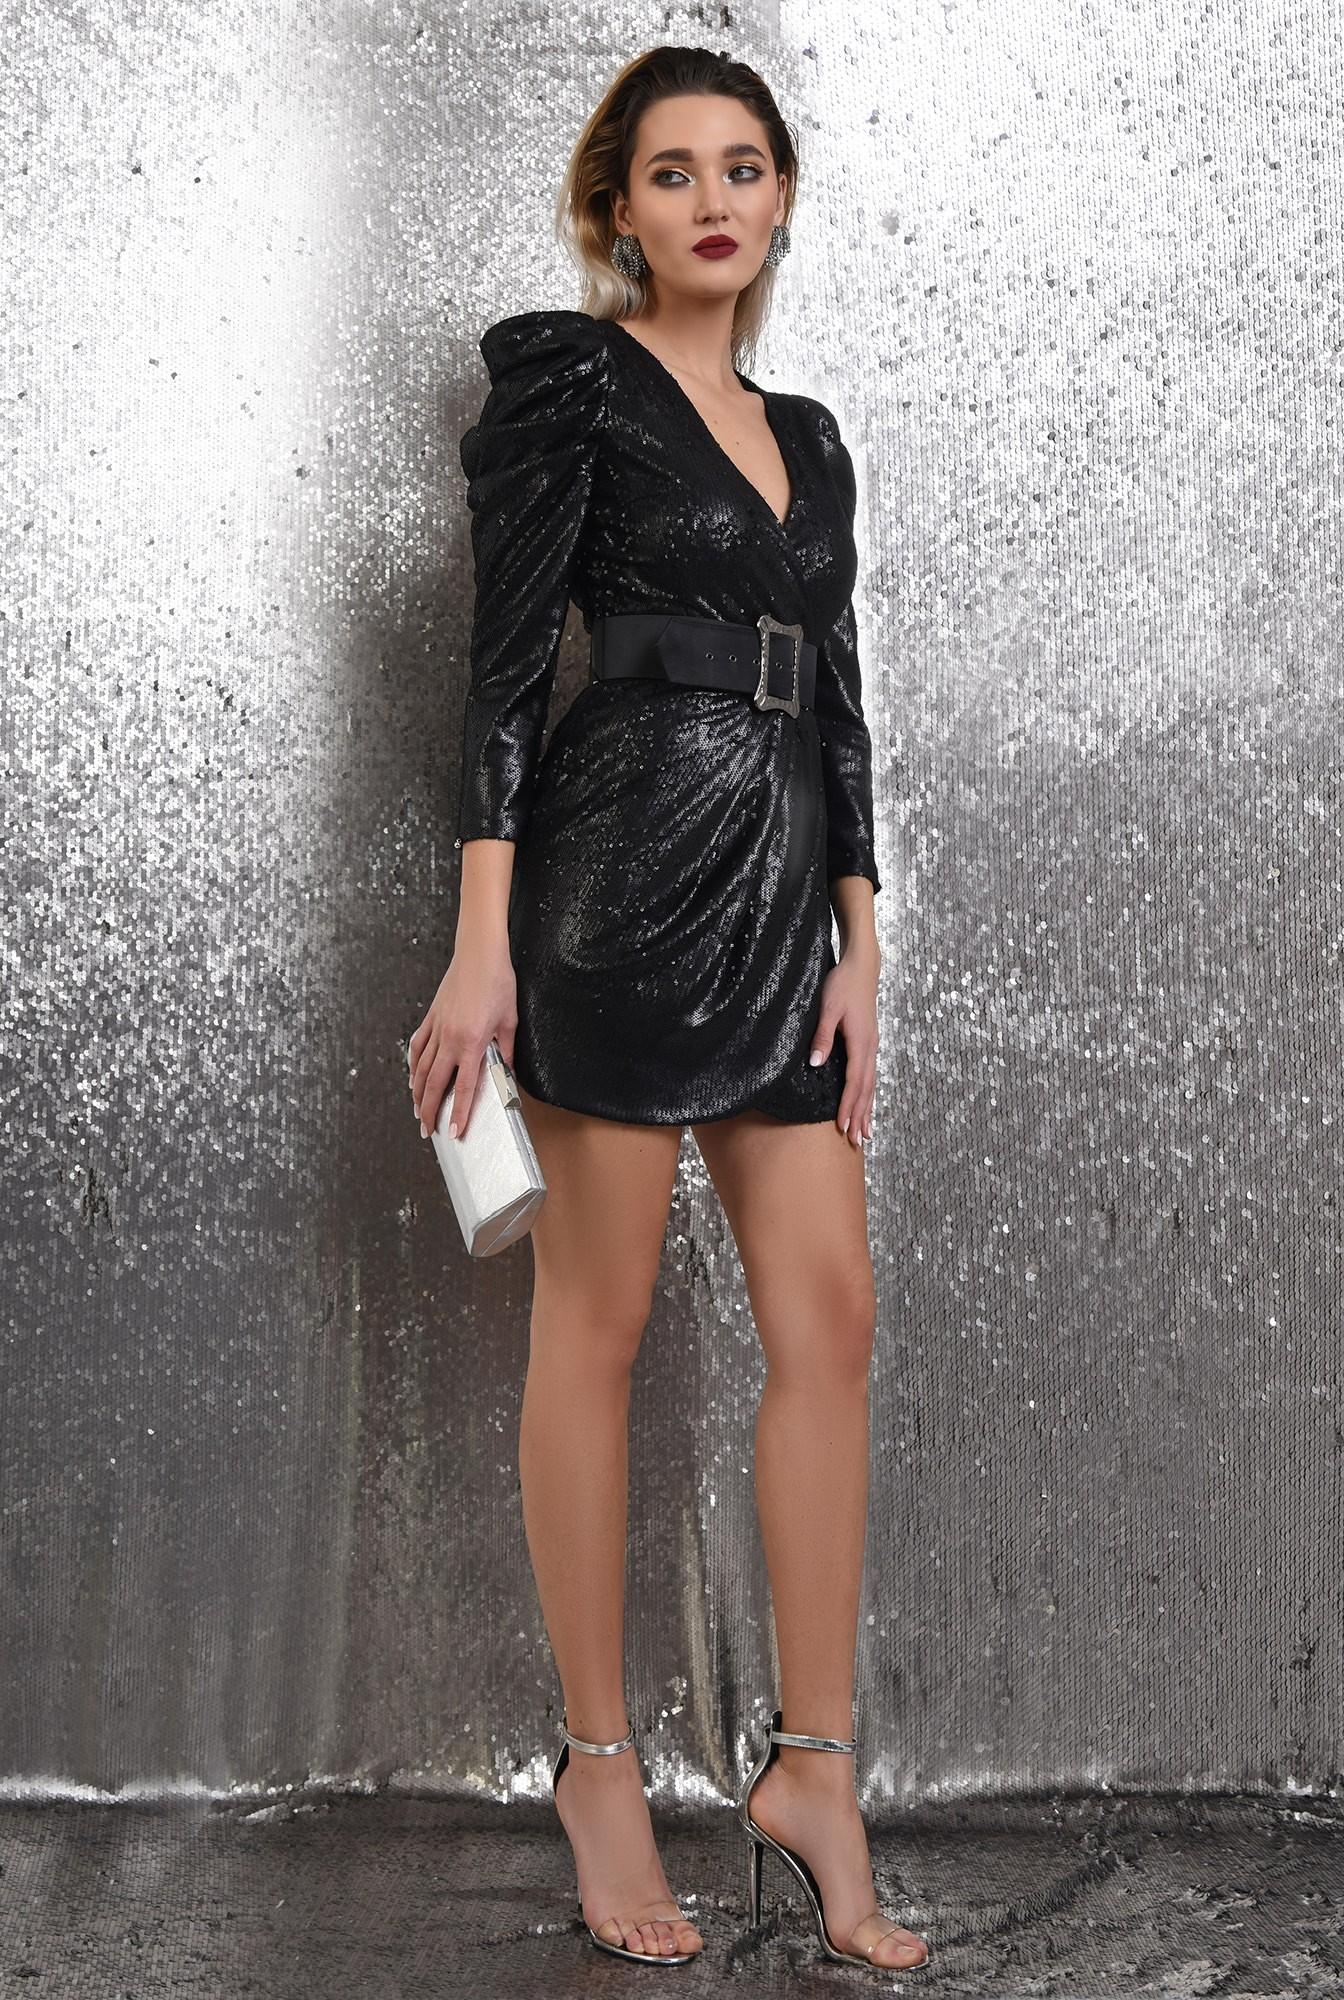 0 - 360 - rochie eleganta, neagra, scurta, cu paiete, curea